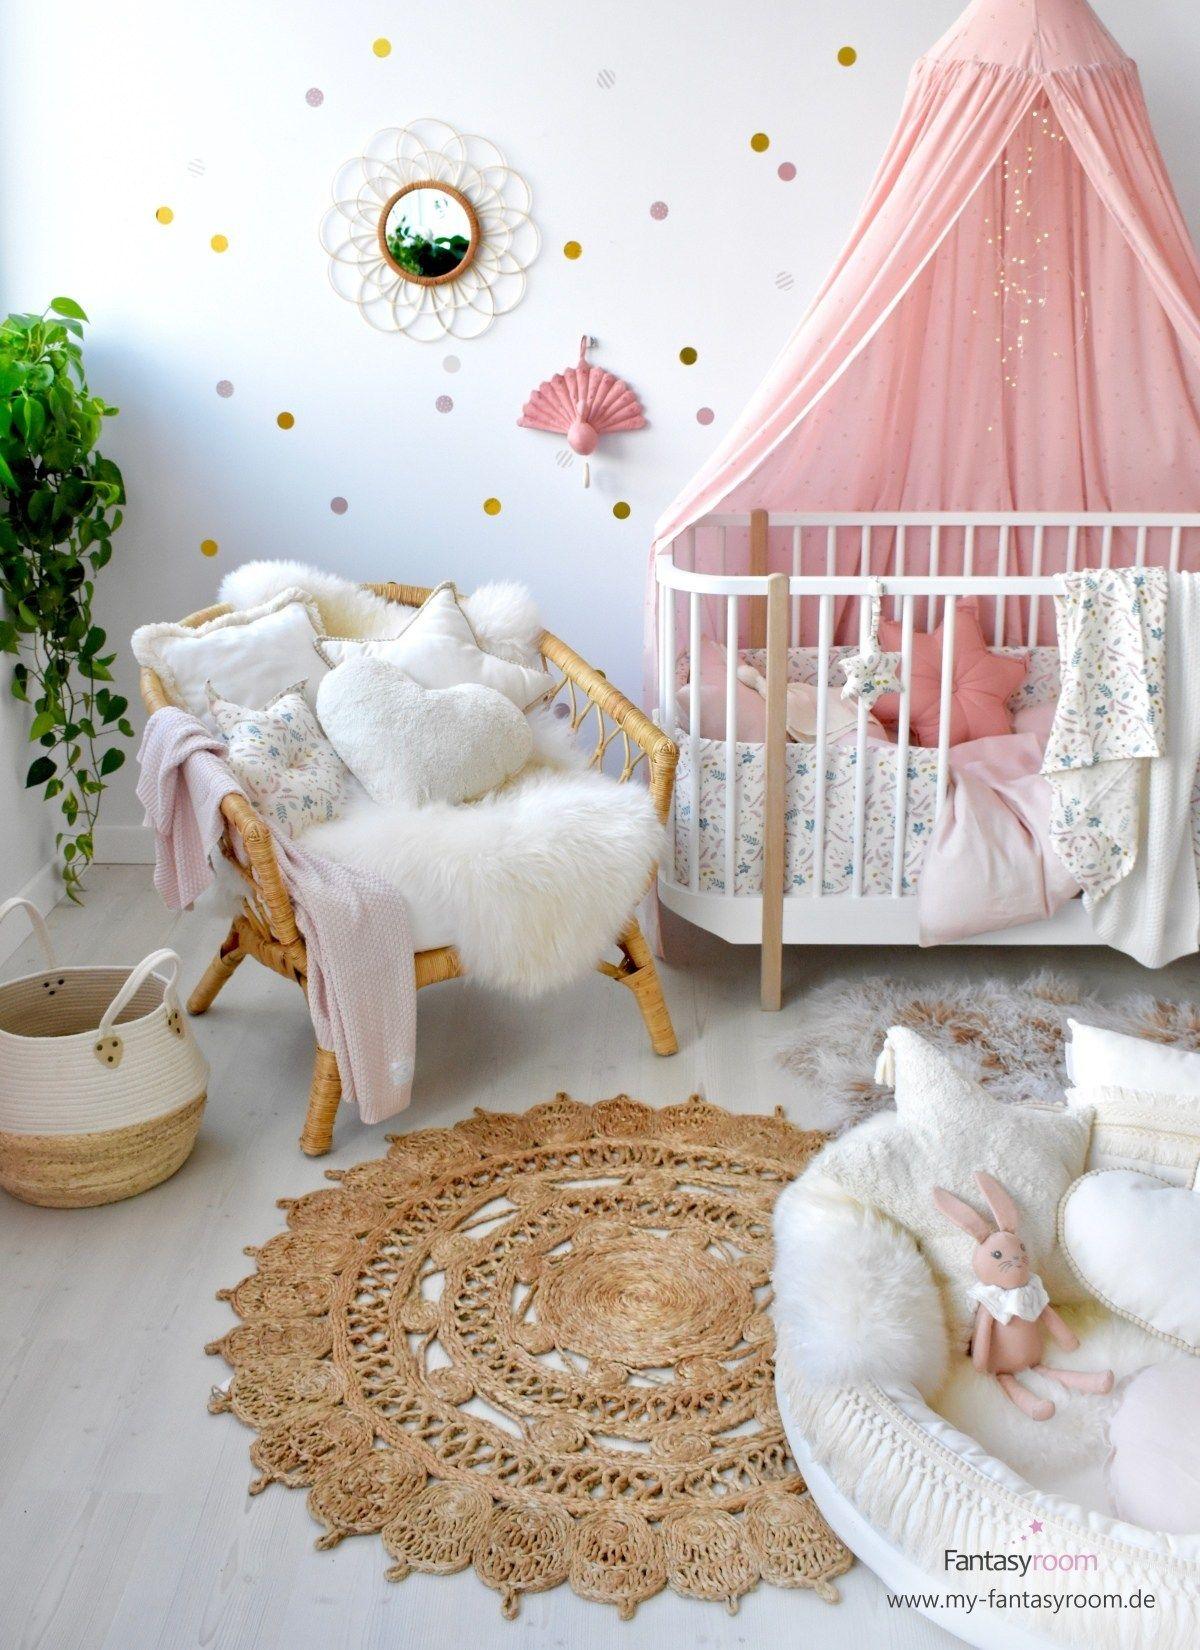 Madchen Babyzimmer In Altrosa Creme Bei Fantasyroom Online Kaufen Babyzimmer Kinder Zimmer Und Kinderzimmer